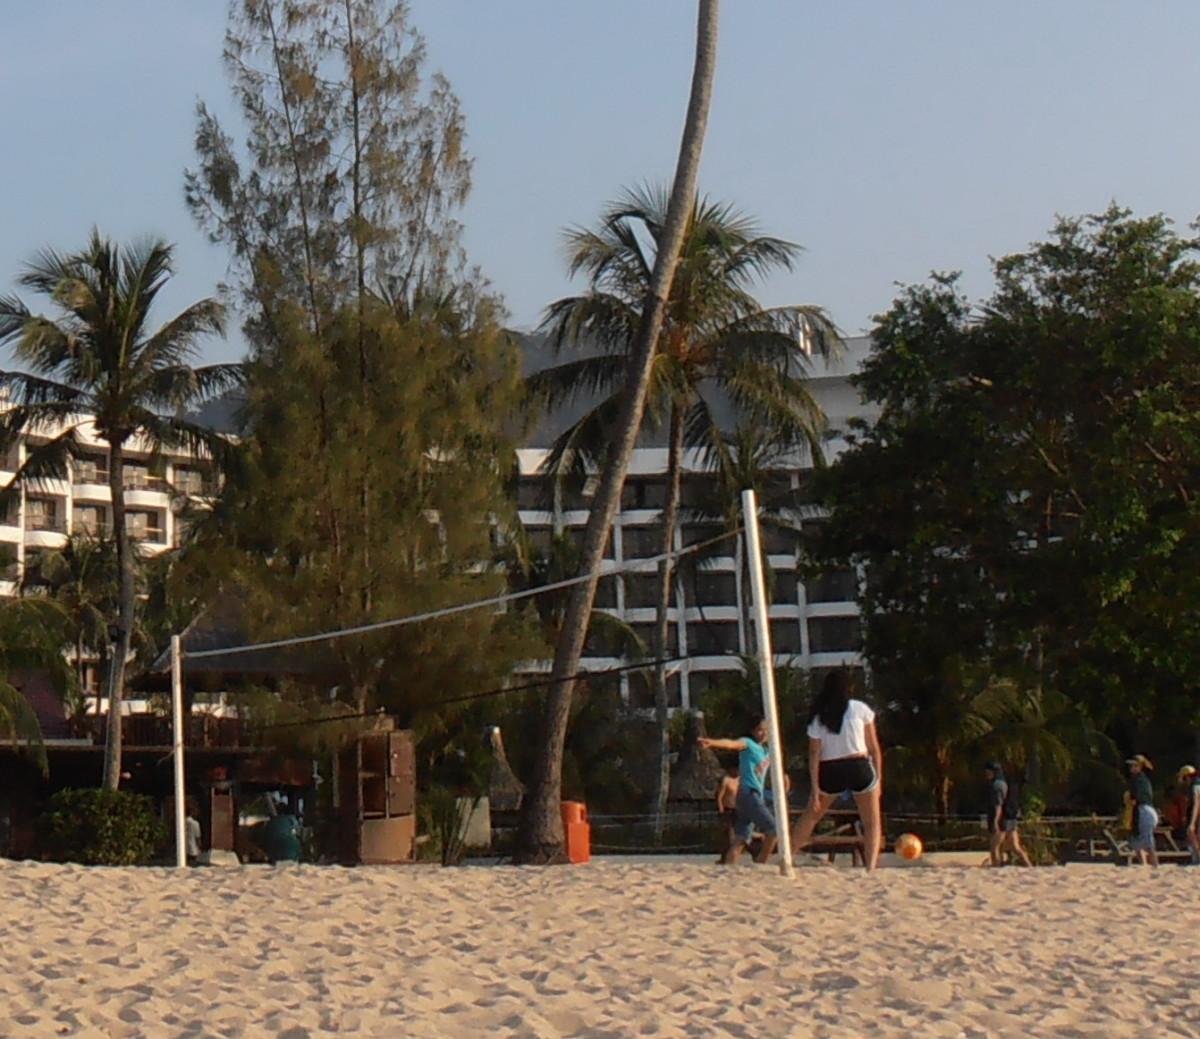 Beach volleyball at Batu Ferringhi